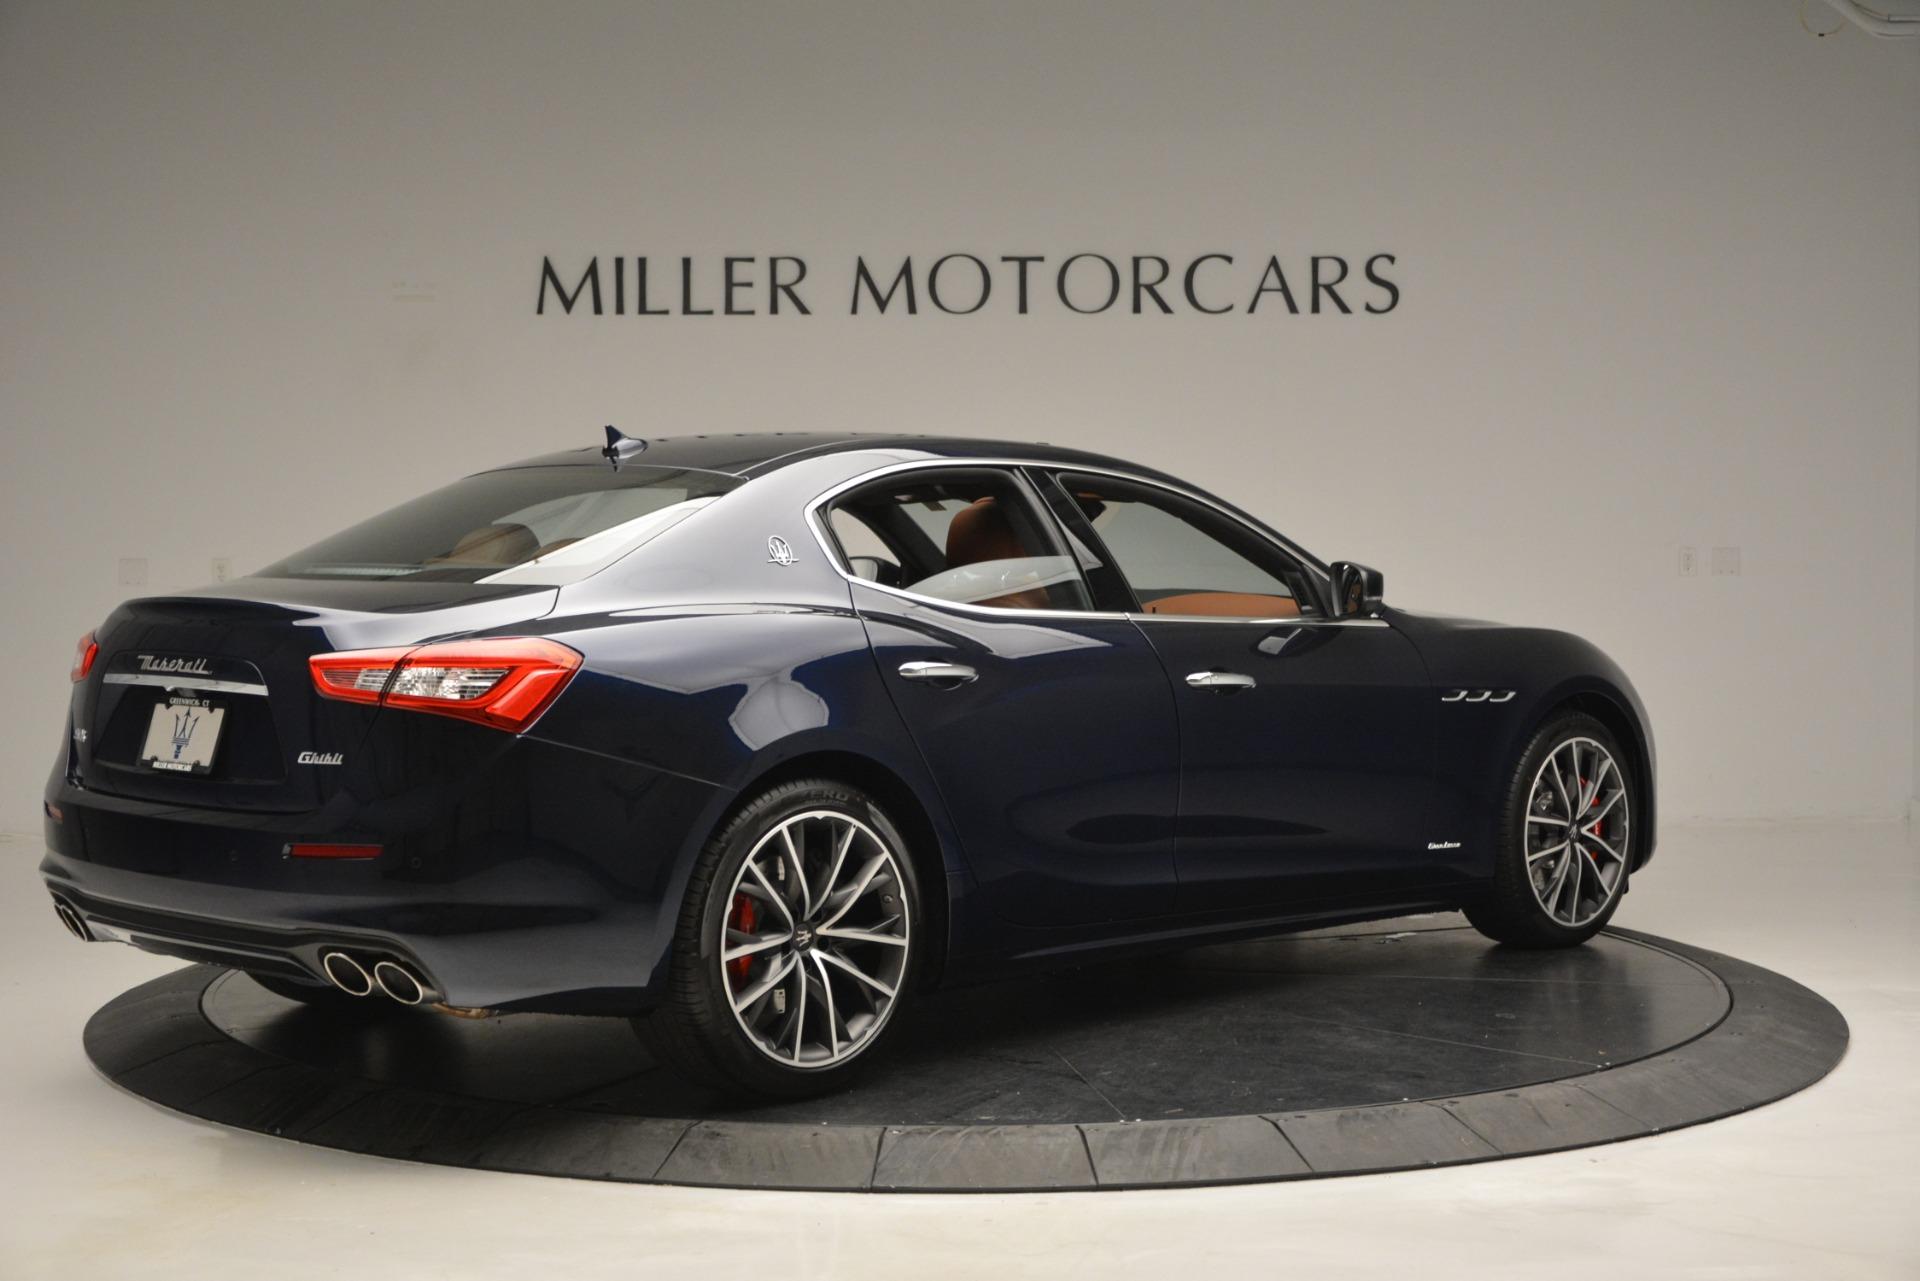 New 2019 Maserati Ghibli S Q4 GranLusso For Sale In Greenwich, CT 2882_p11